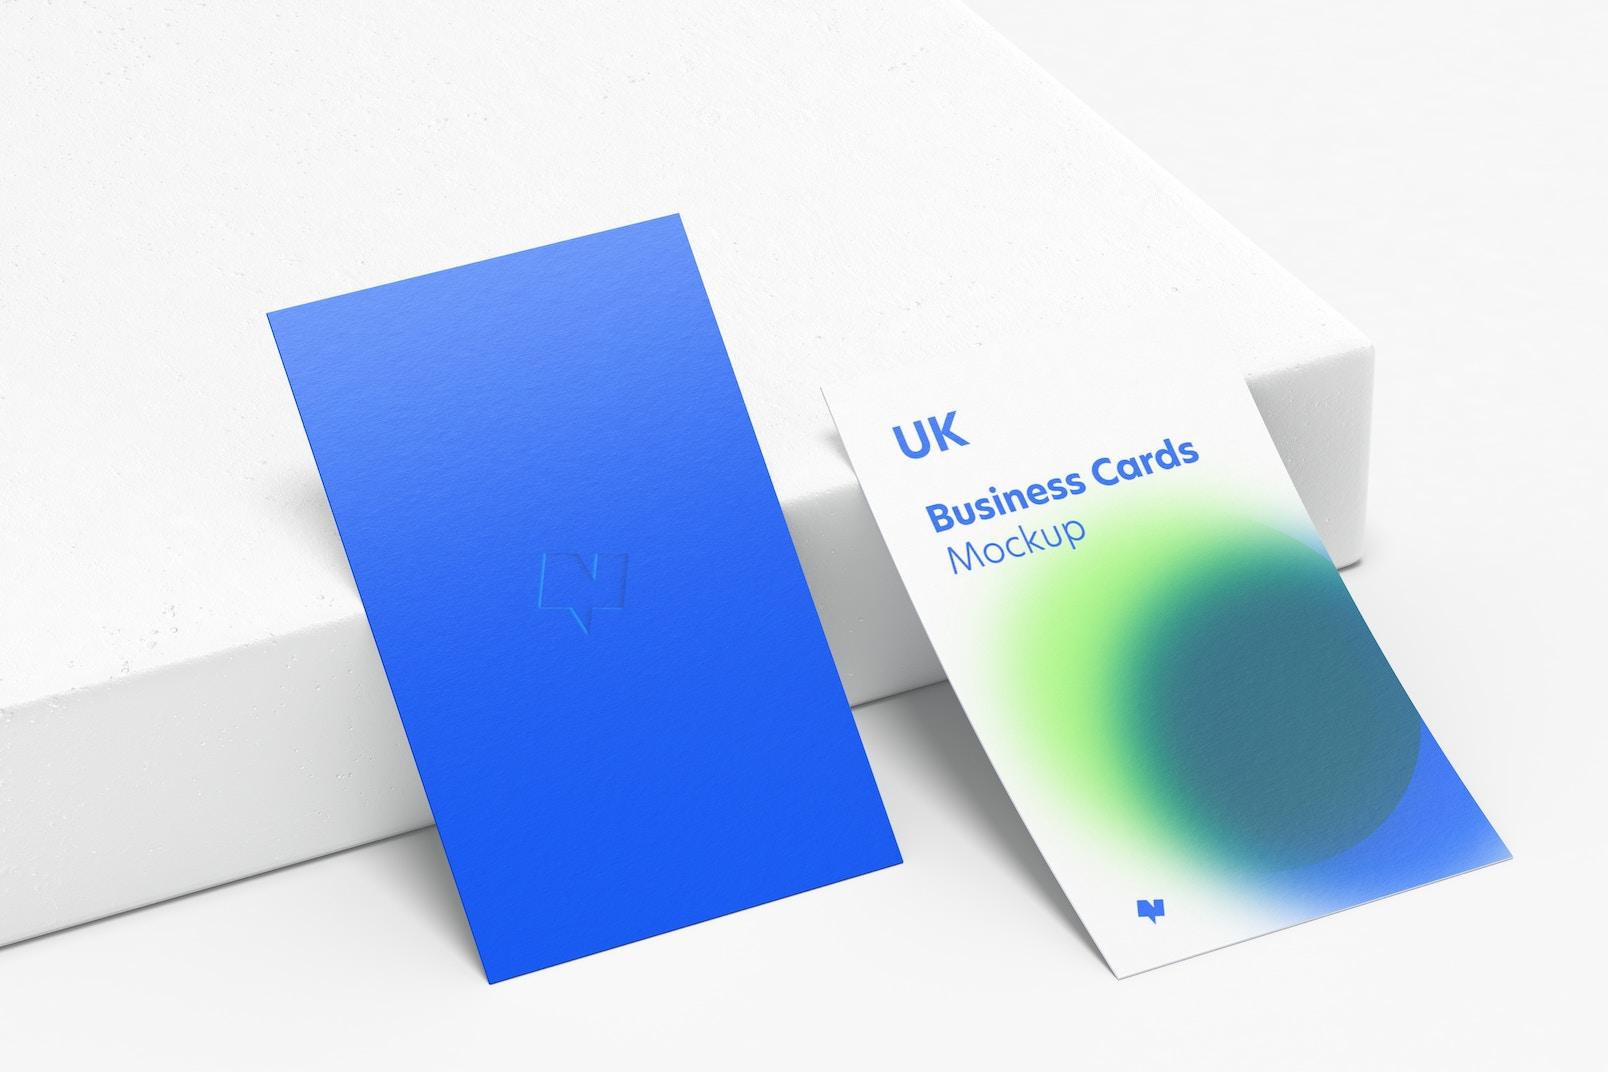 UK Portrait Business Cards Mockup